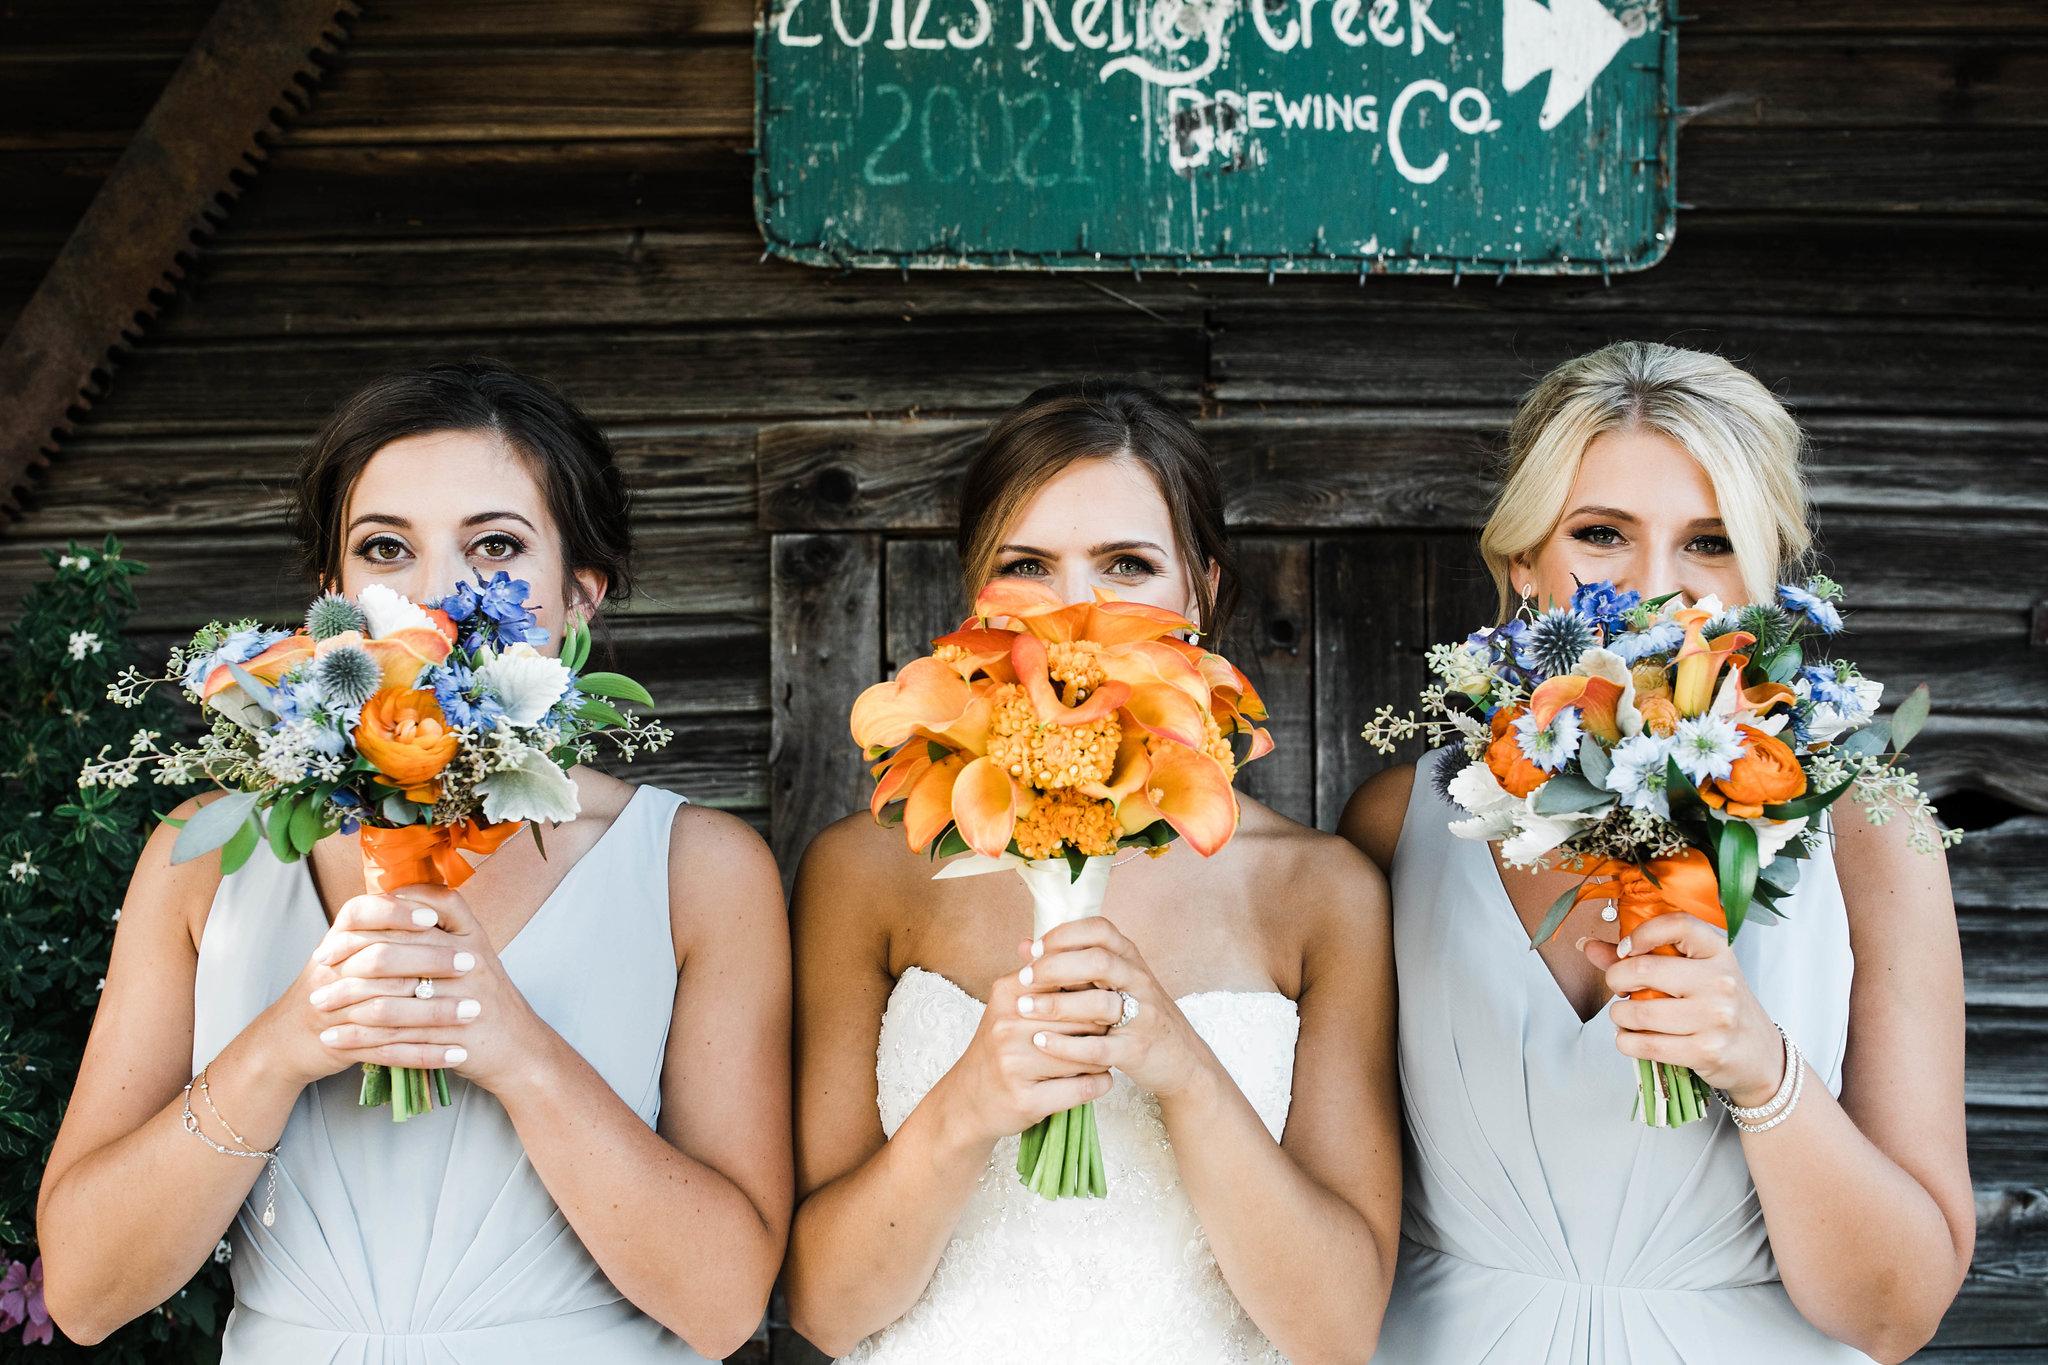 Erin+Tyson_The_Kelley_Farm_Wedding_by_Adina_Preston_Weddings_459.JPG